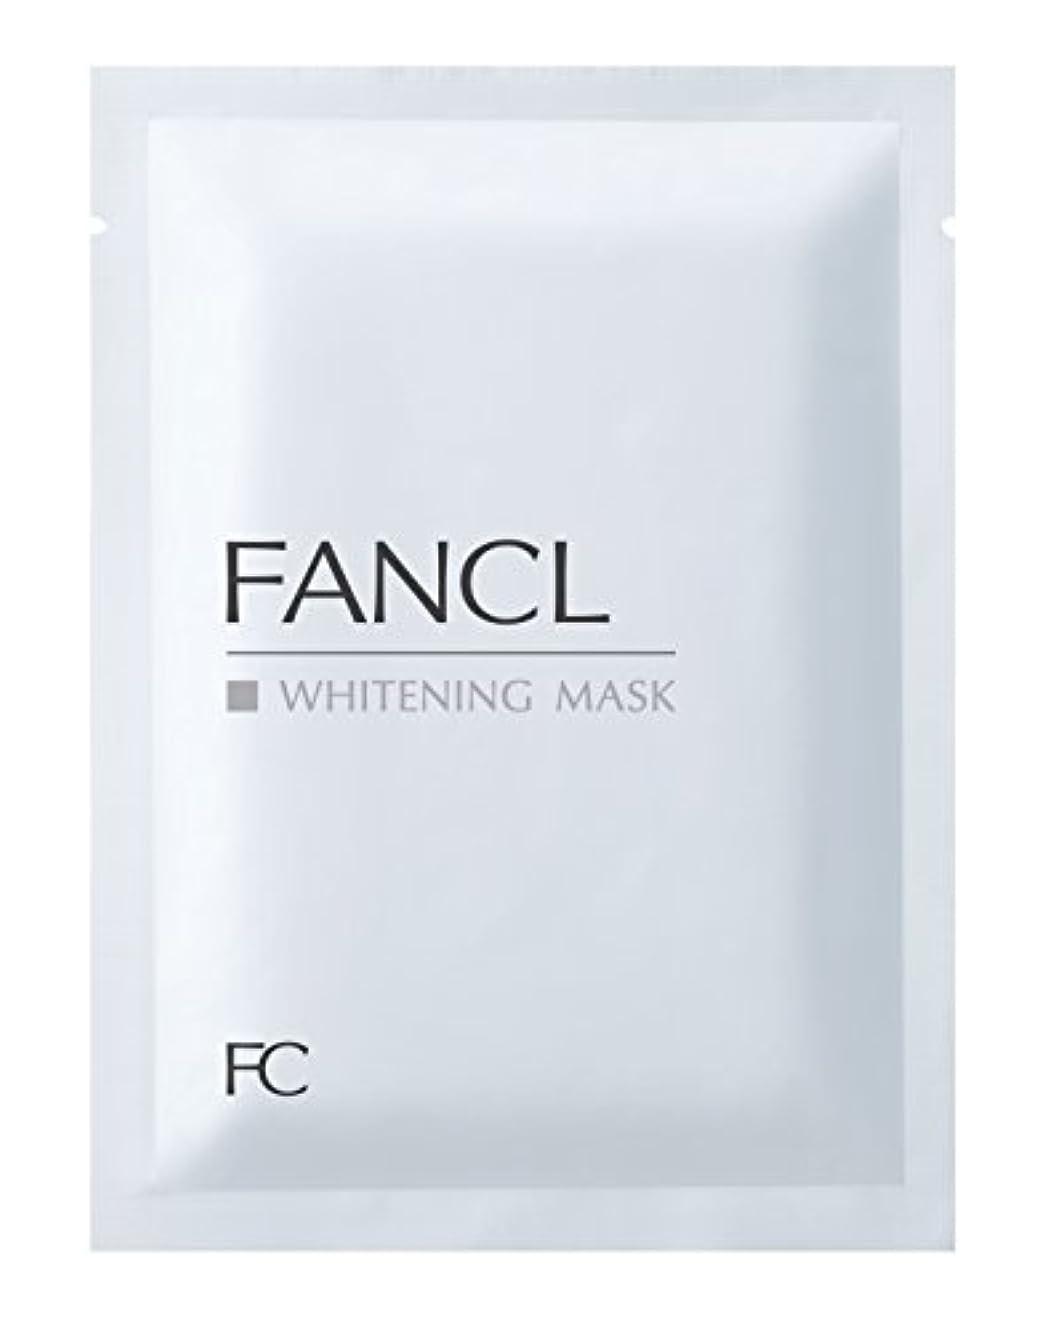 真夜中寛大さフリンジファンケル(FANCL) ホワイトニング マスク<医薬部外品> 21mL×6枚